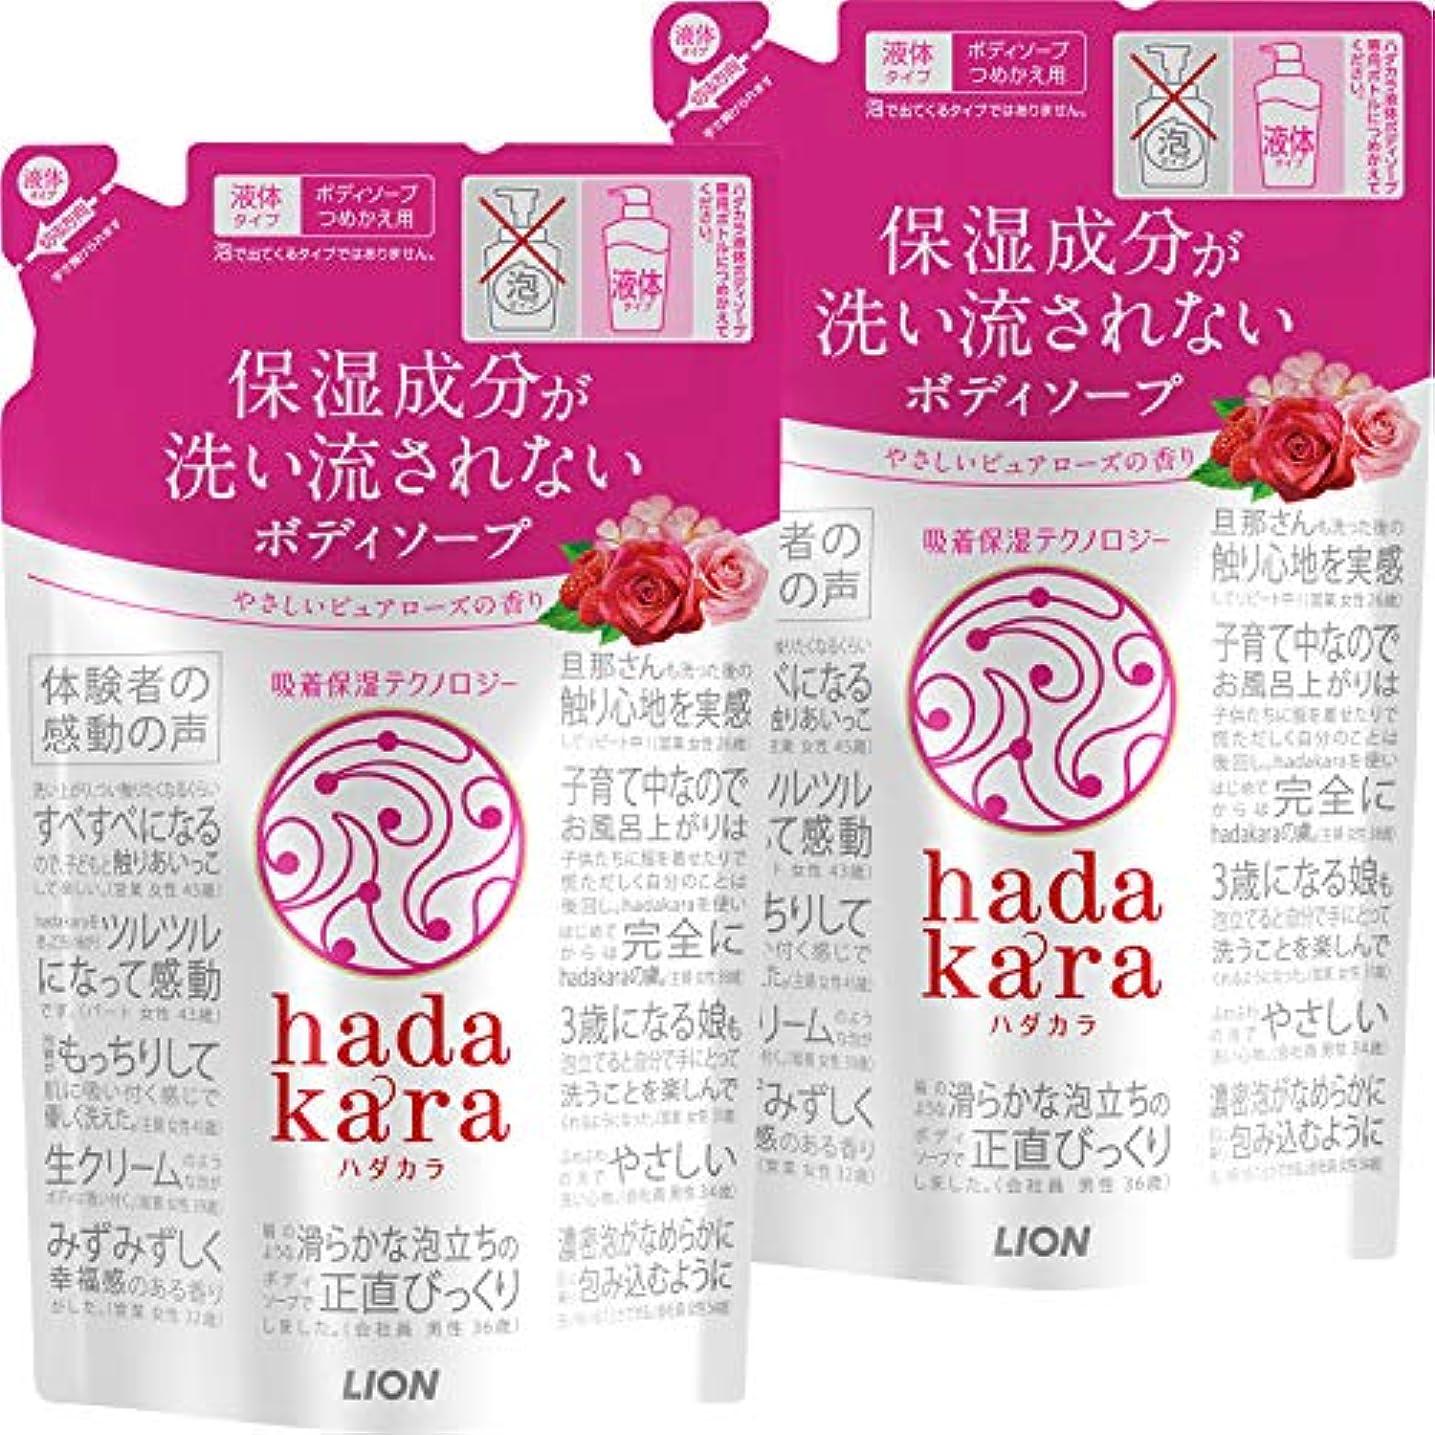 とは異なり欺くアクロバット【まとめ買い】hadakara(ハダカラ) ボディソープ ピュアローズの香り 詰め替え 360ml×2個パック